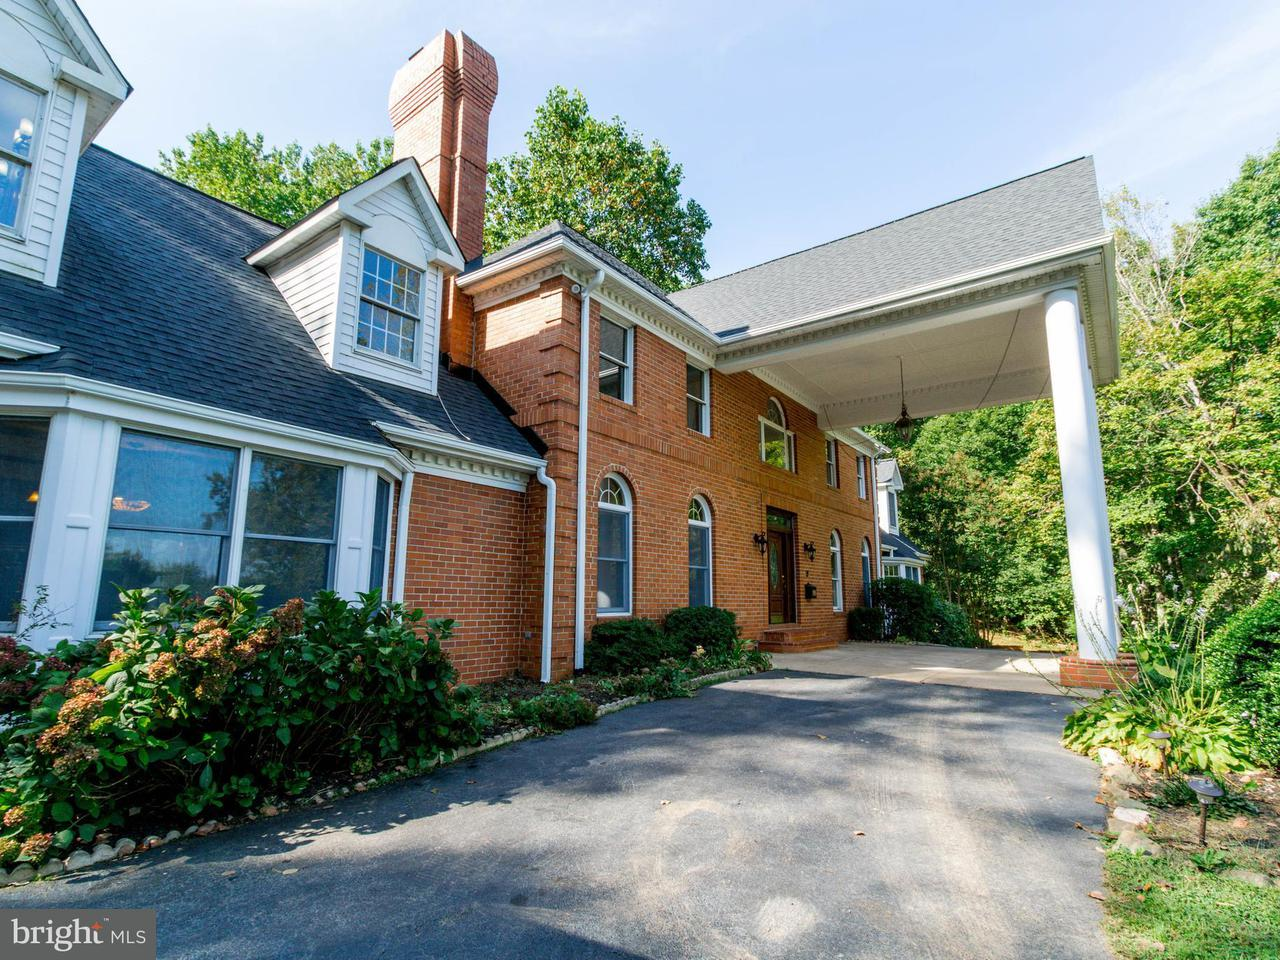 Einfamilienhaus für Verkauf beim 5723 HUNTON WOOD Drive 5723 HUNTON WOOD Drive Broad Run, Virginia 20137 Vereinigte Staaten